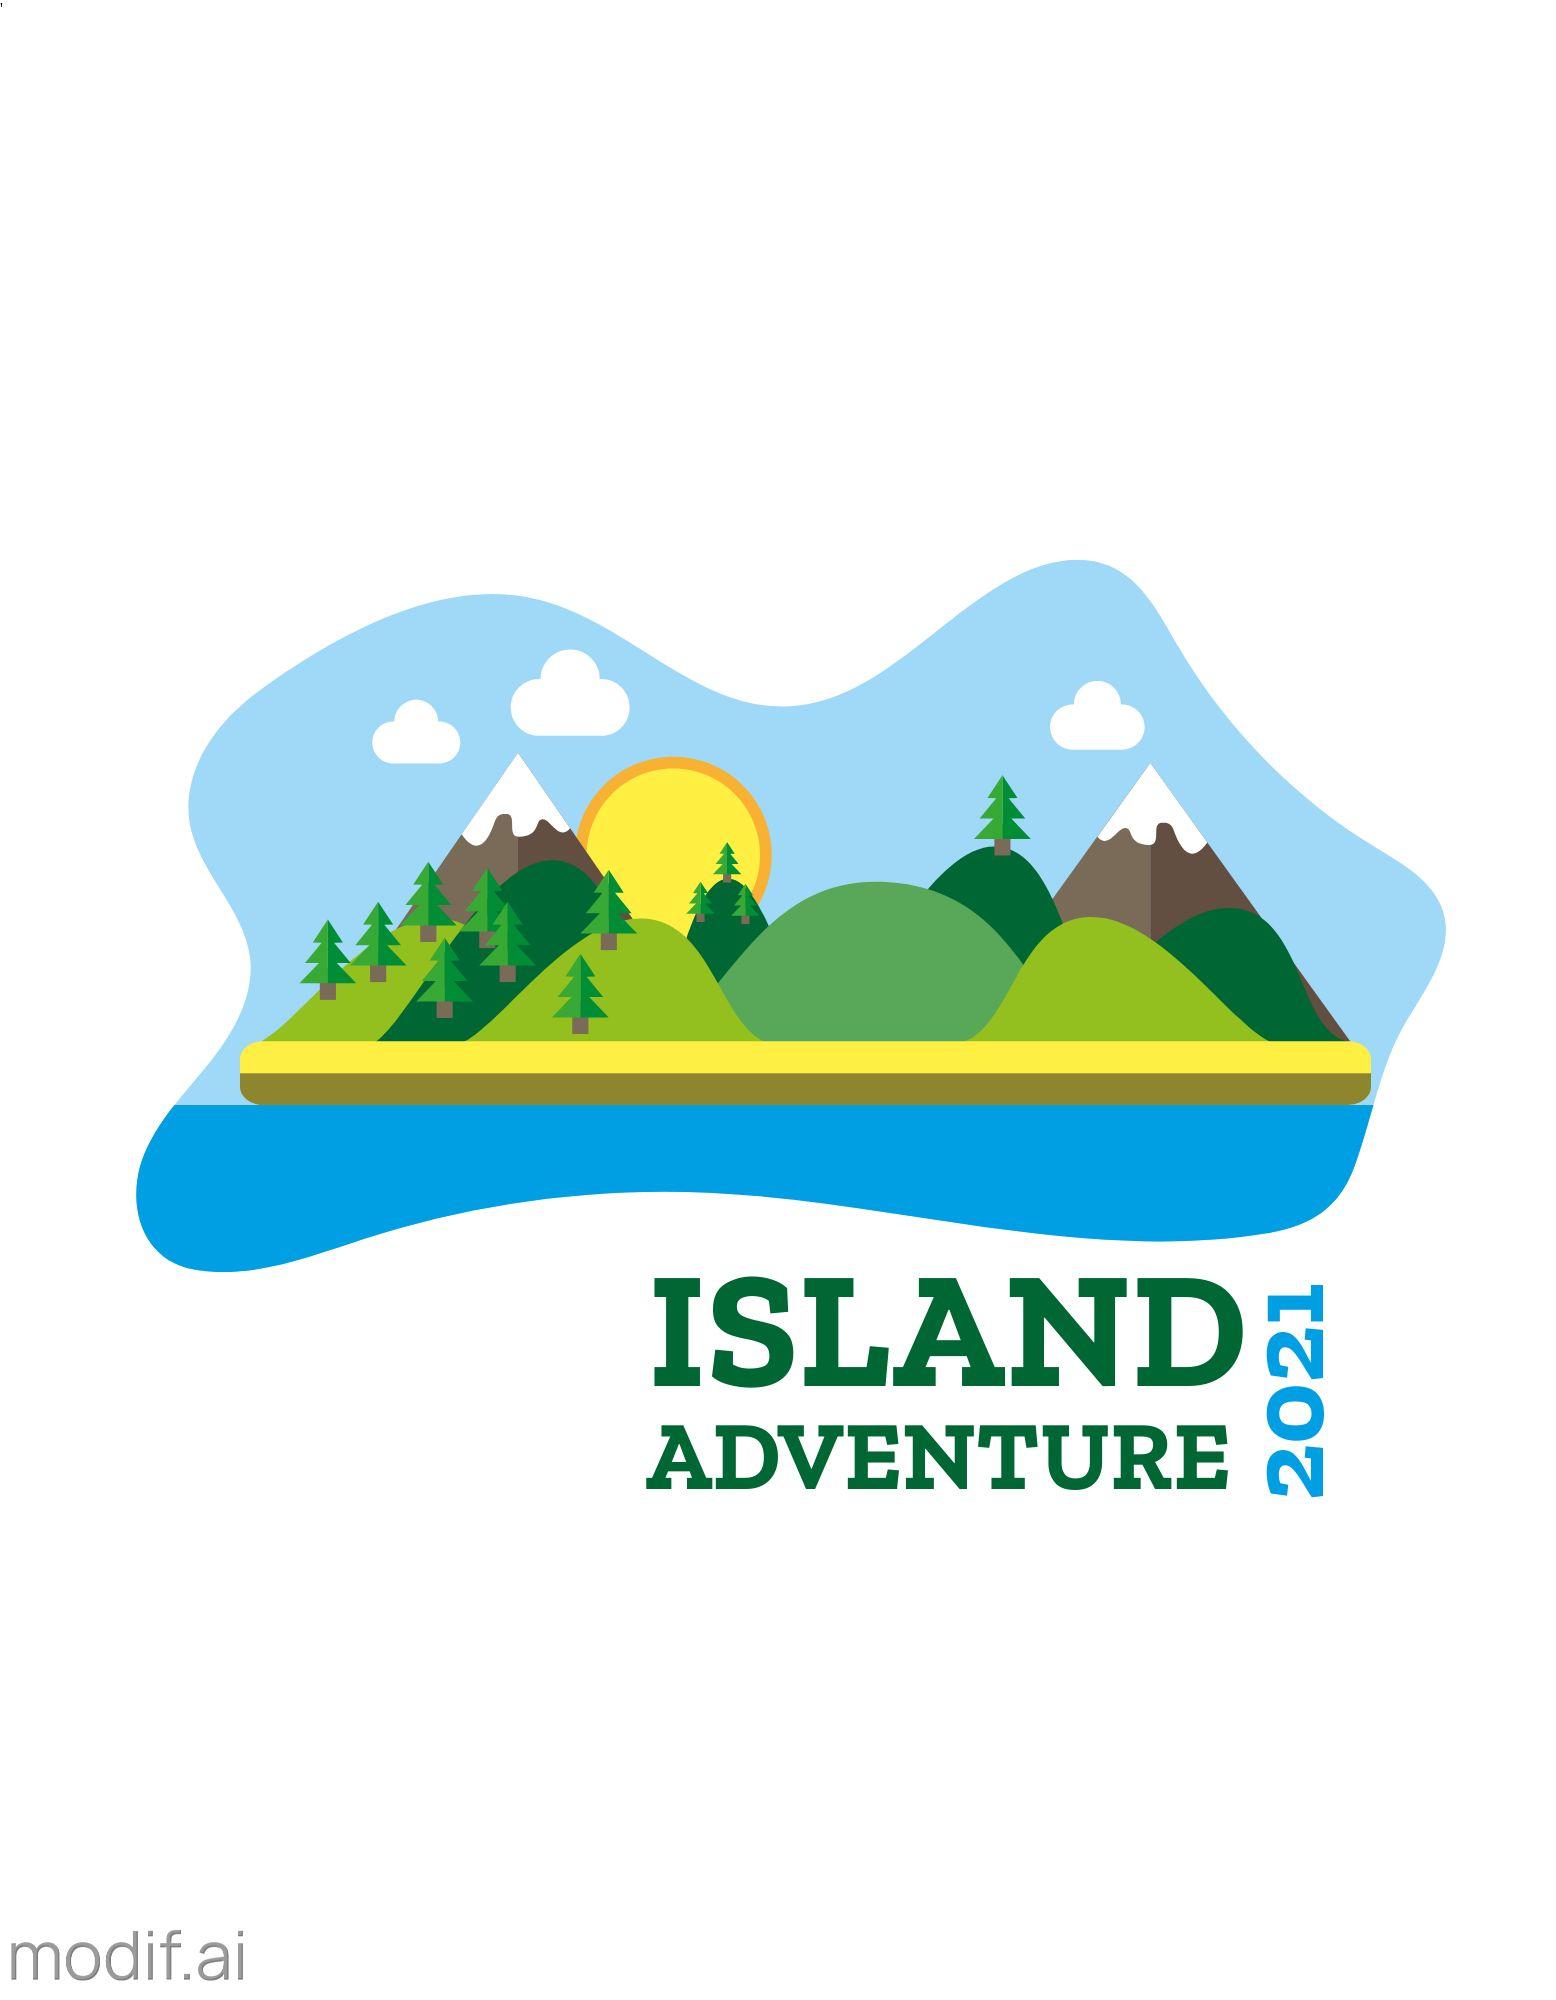 Adventure Themed T-Shirt Design Template